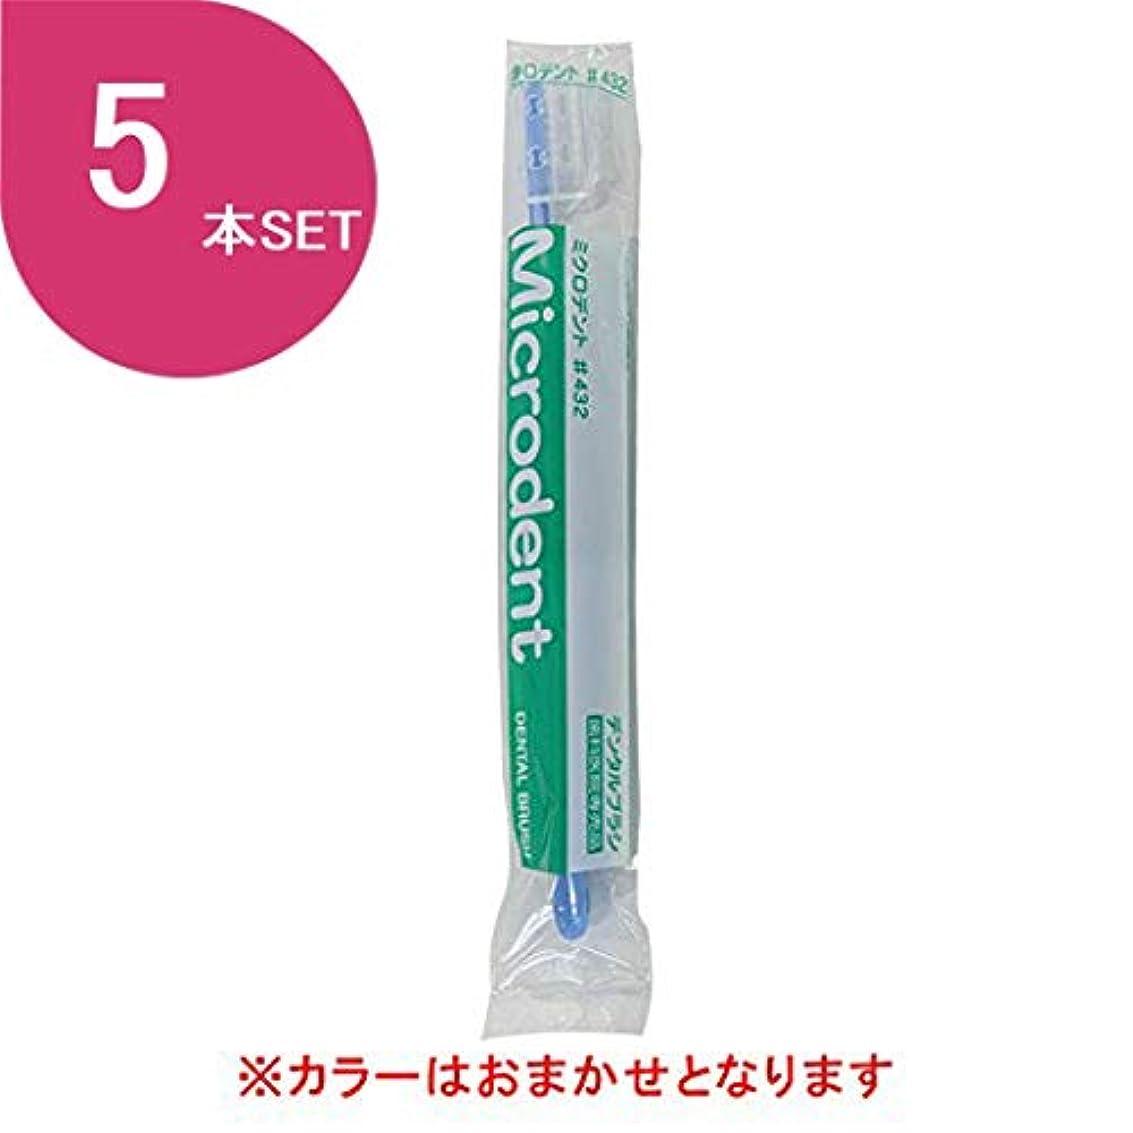 帝国タバコ偶然の白水貿易 ミクロデント(Microdent) 5本 (#432)